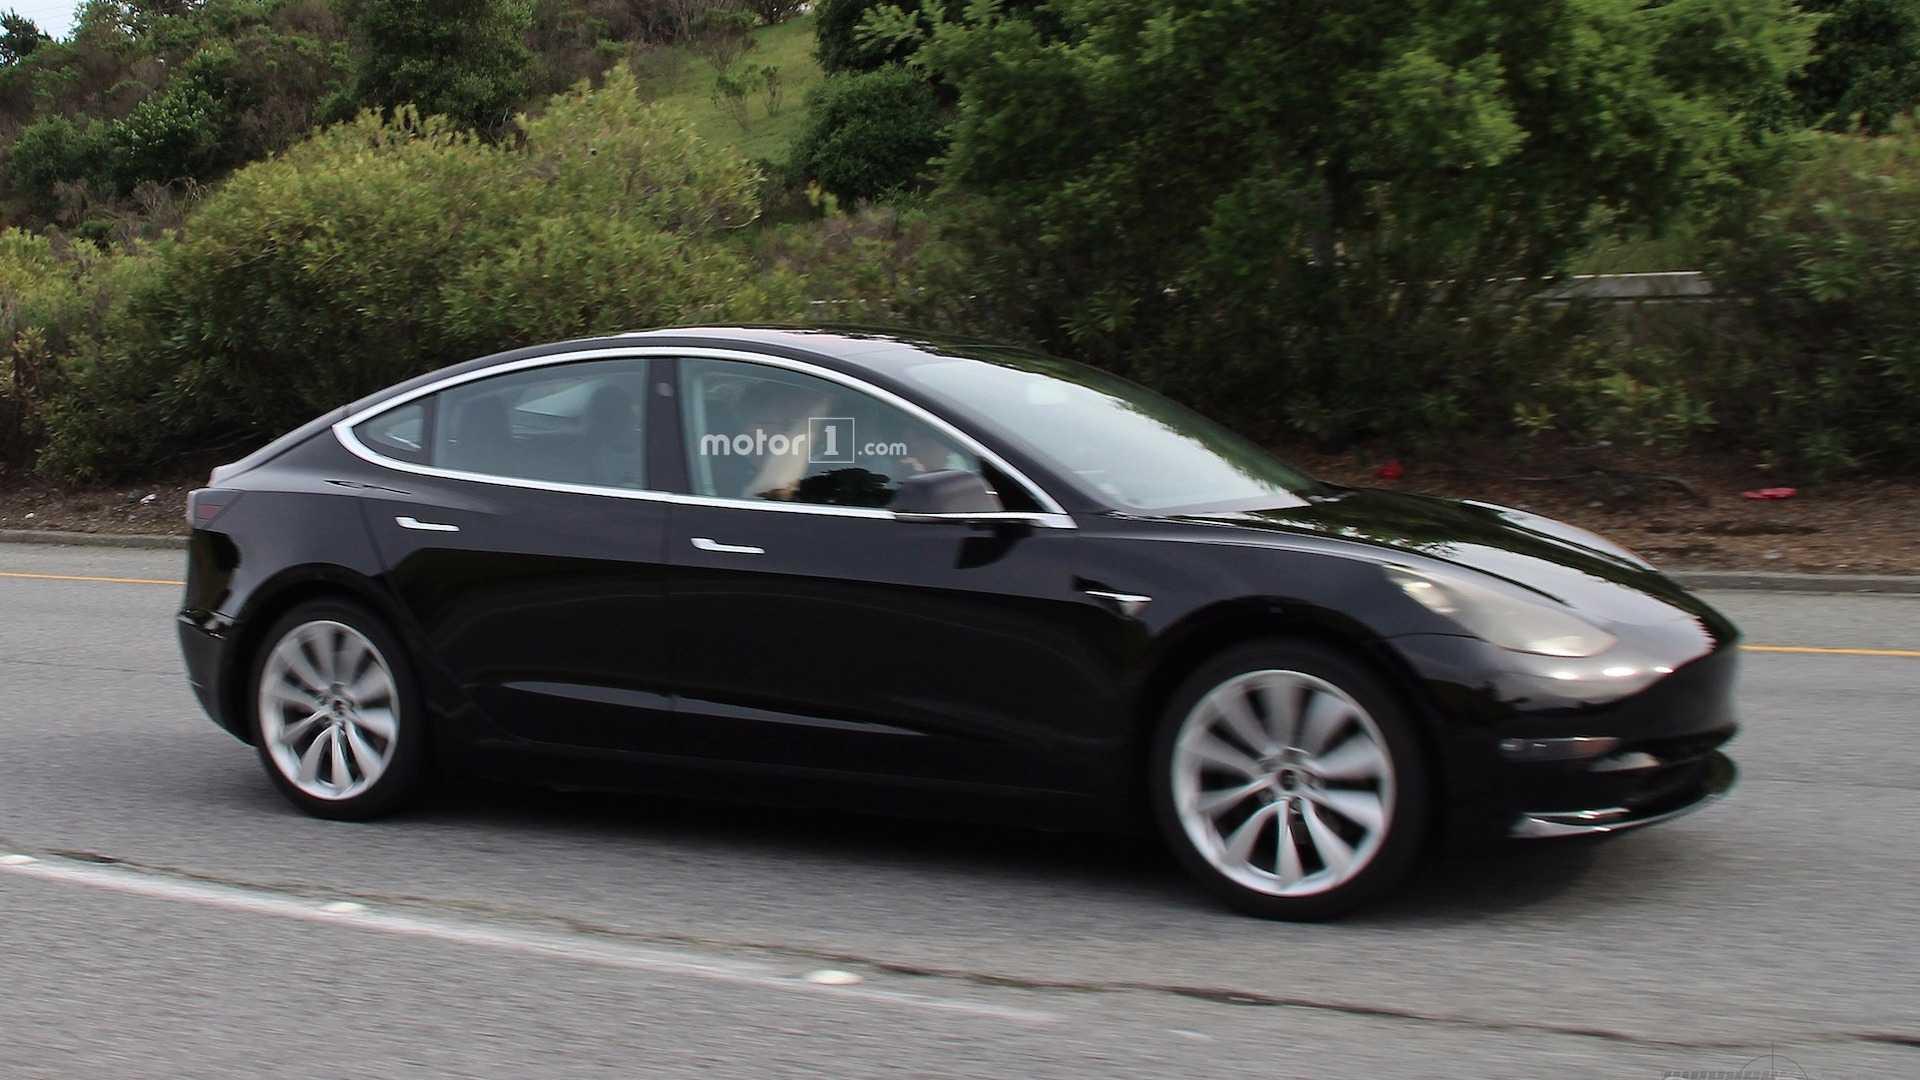 Tesla Model 3 Center Screen UI Rendered Based On Spy Shots